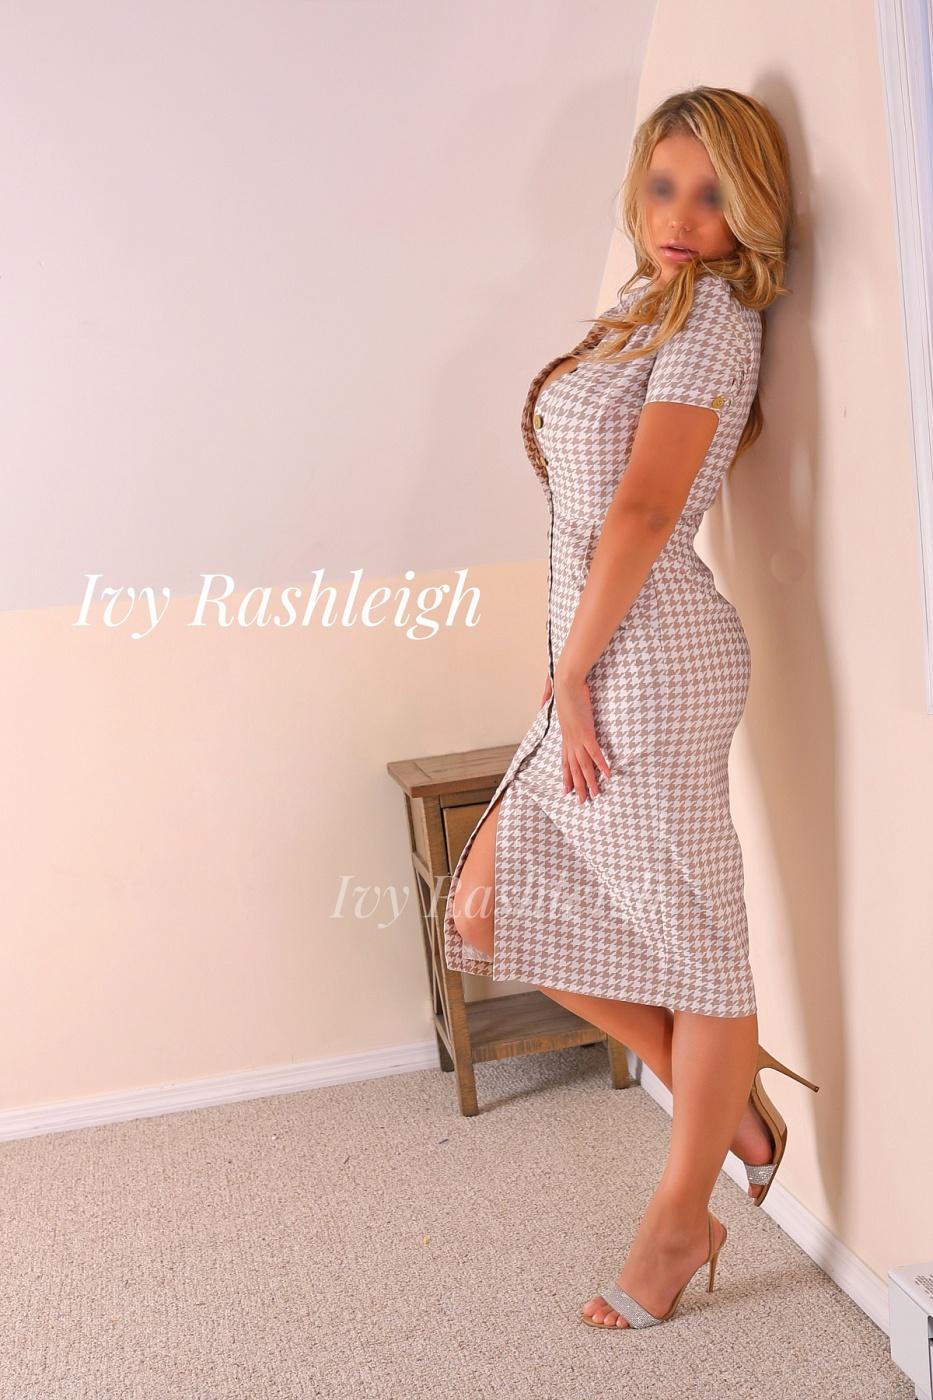 Ivy Rashleigh